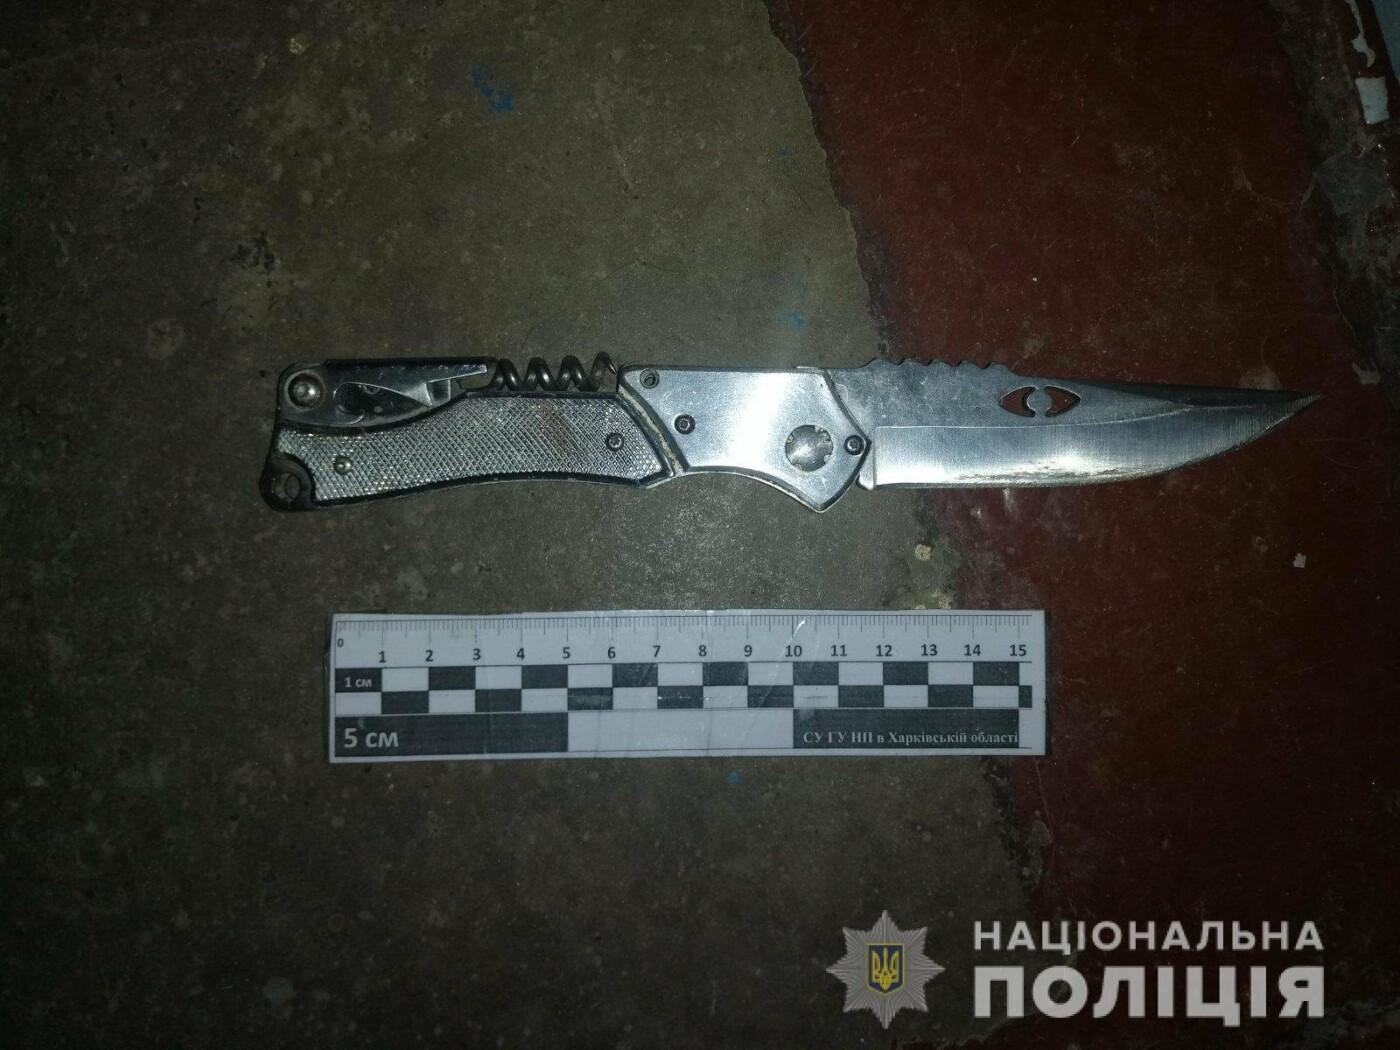 Угрожала ножом и баллончиком: в Харькове женщина напала на иностранку, - ФОТО, фото-1